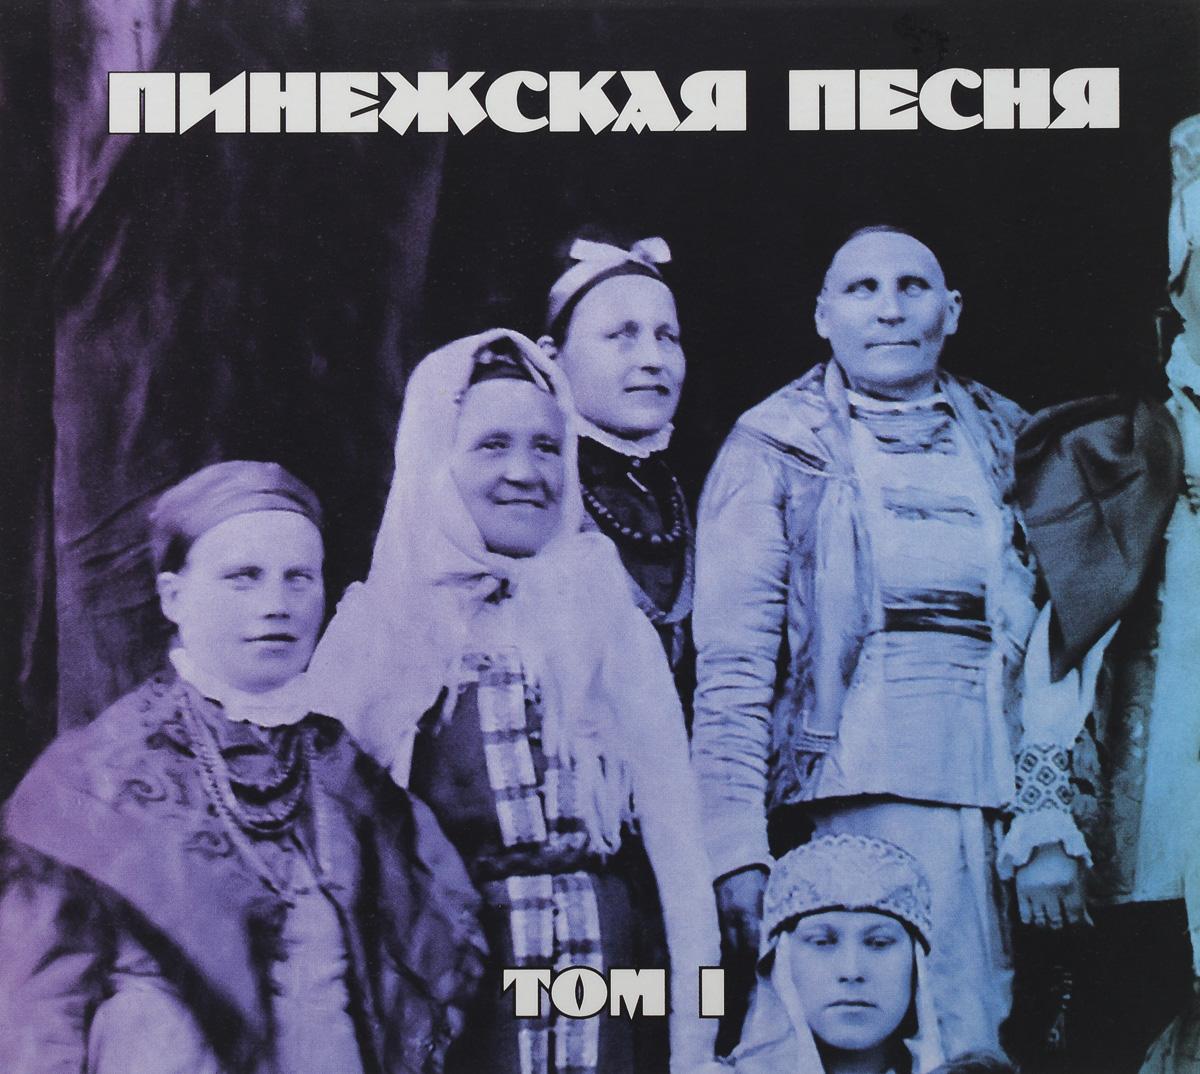 Оцифрованное издание. На упаковке содержится дополнительная информация на русском языке.